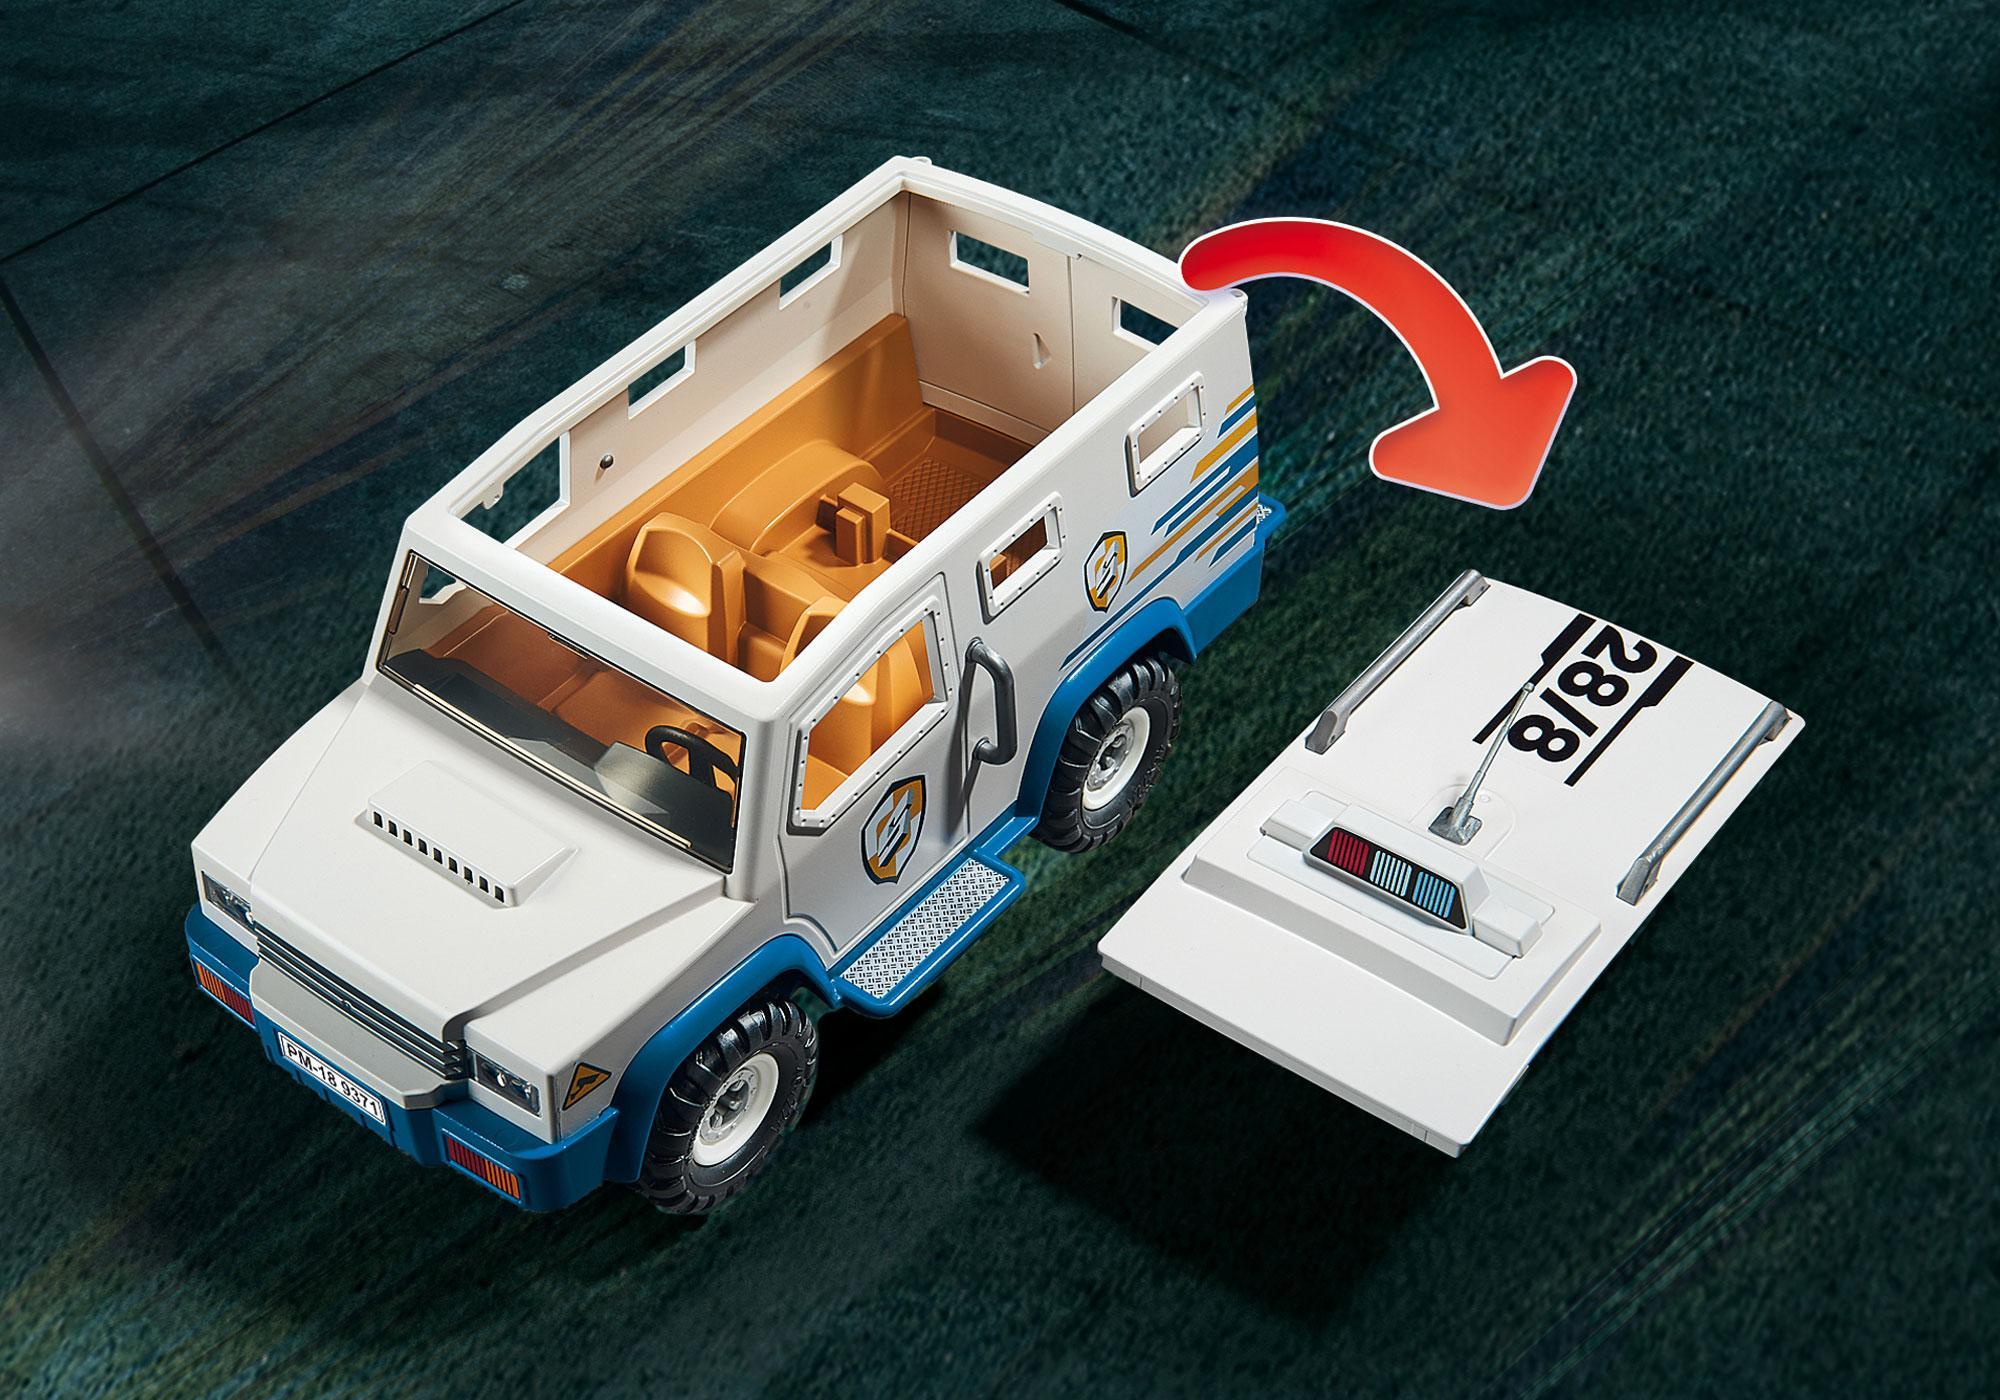 http://media.playmobil.com/i/playmobil/9371_product_extra1/Vehículo Blindado